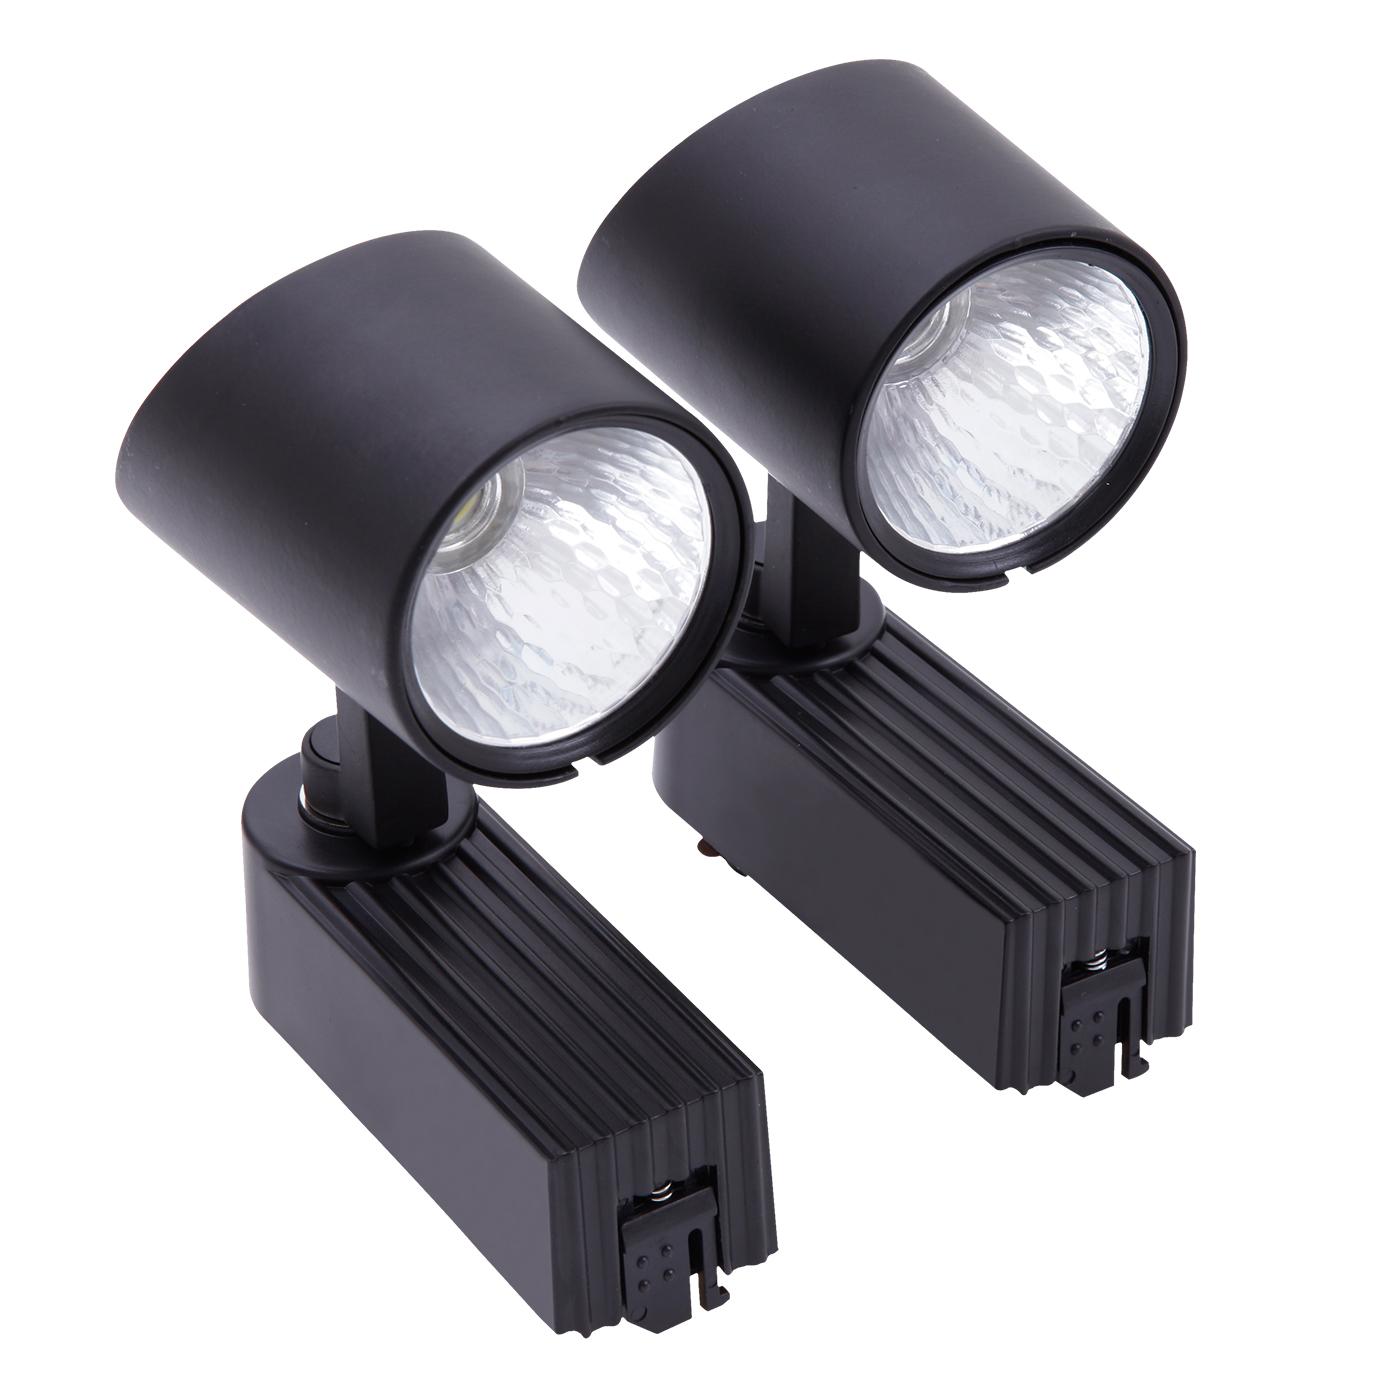 Biard Spot LED 7W pour rail Noir - Pack de 2